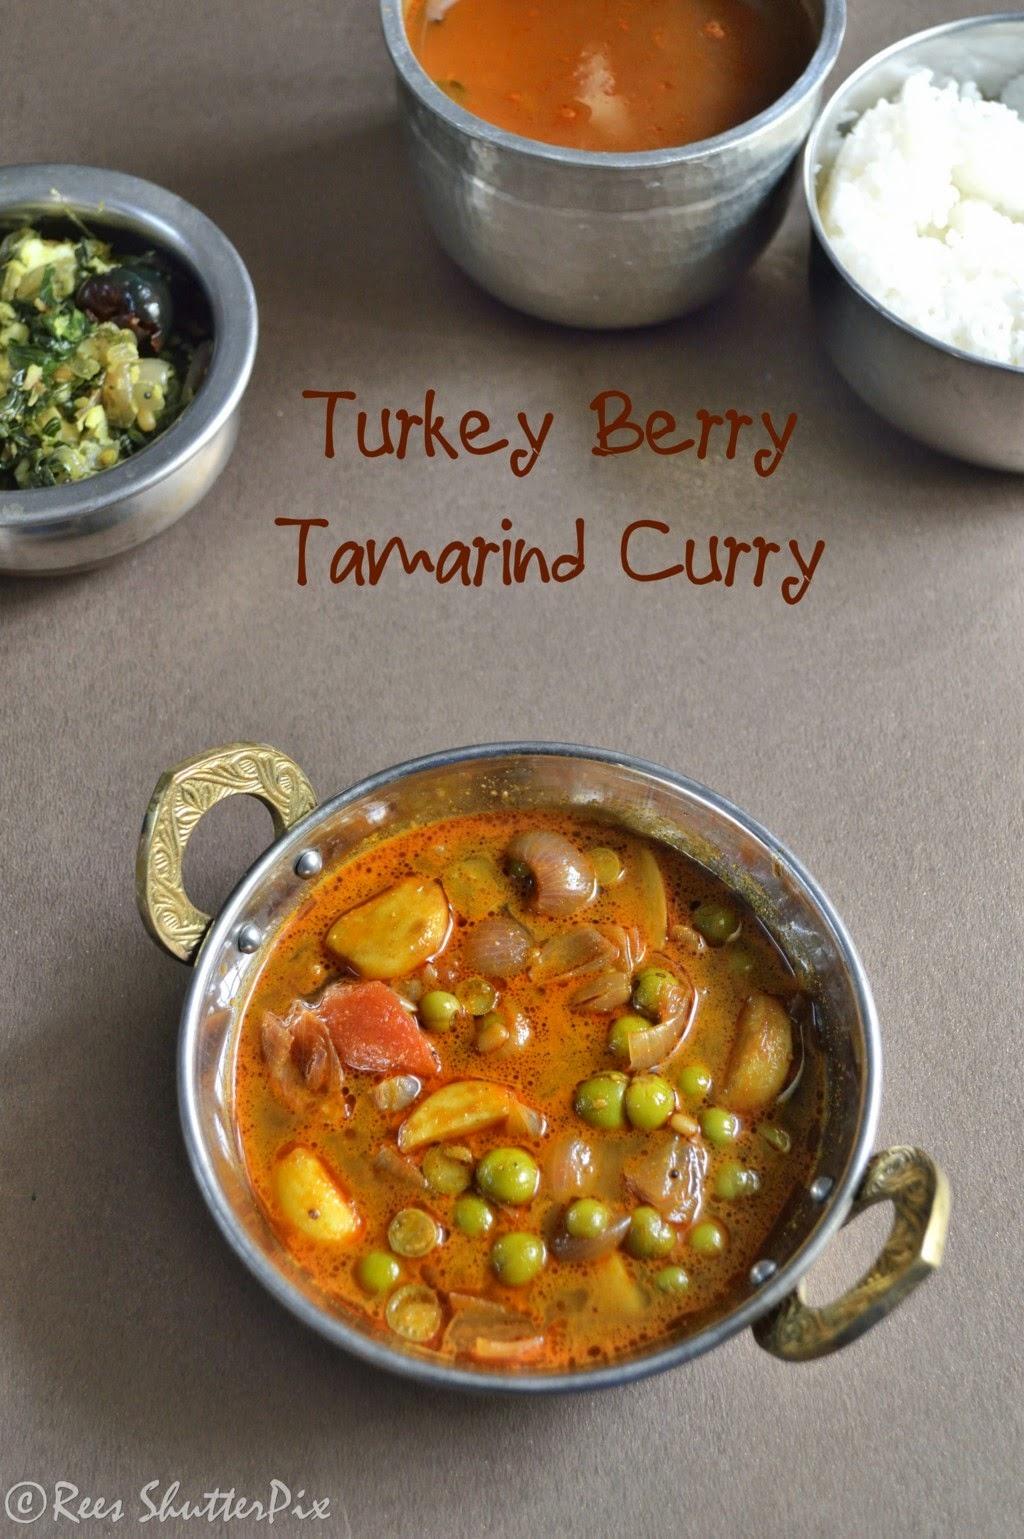 sundakkai puli kuzhambu recipe, sidedish for rice,  vathal kuzhambu recipe,vathal kulambu,vathal kuzhambu,sundakkai recipes,sundakkai vathal kuzhambu,south indian kuzhambu recipe,recipes,puli kuzhambu, turkey berry tamarind curry recipe, turkey berry recipes. chundakkai recipes